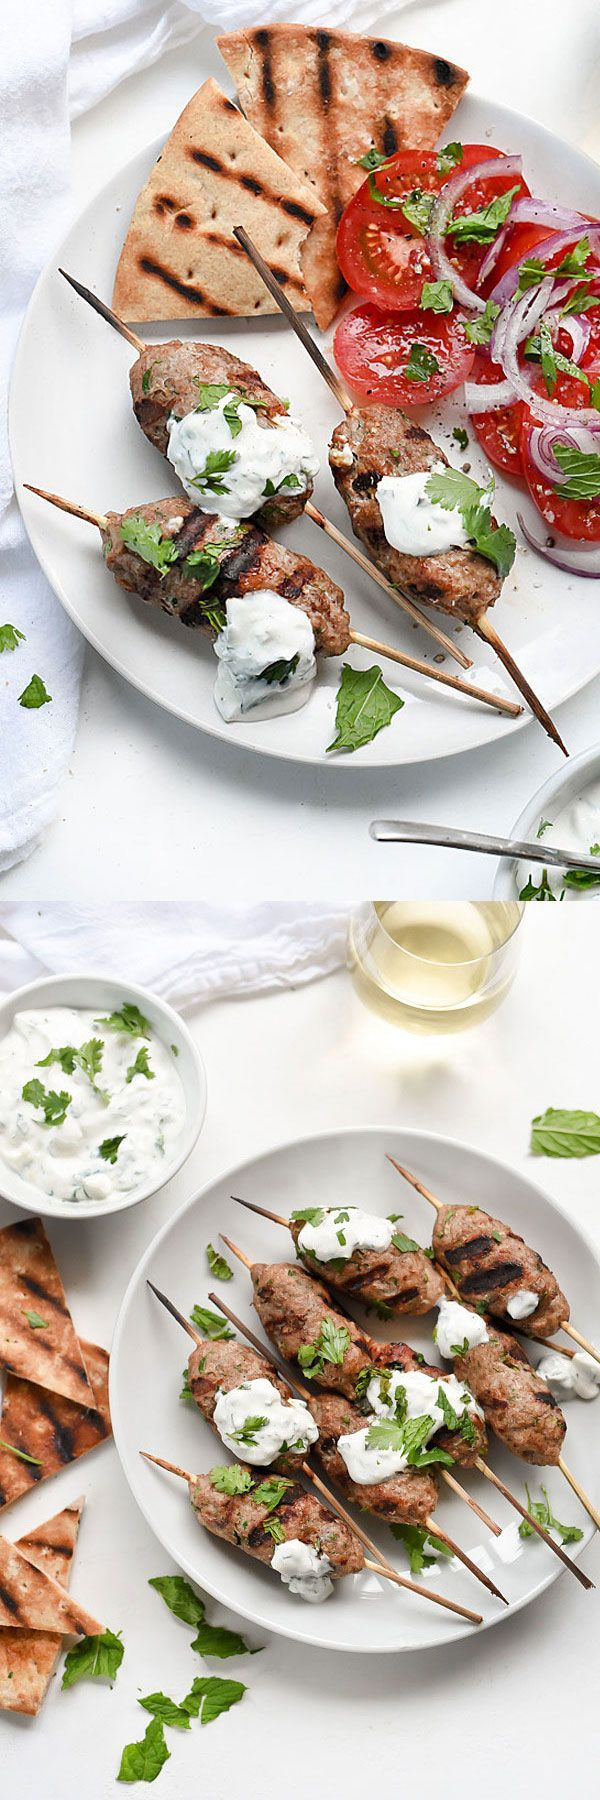 Grilled Turkey Kofta Skewers with Yogurt Sauce #skewers #turkey #greek